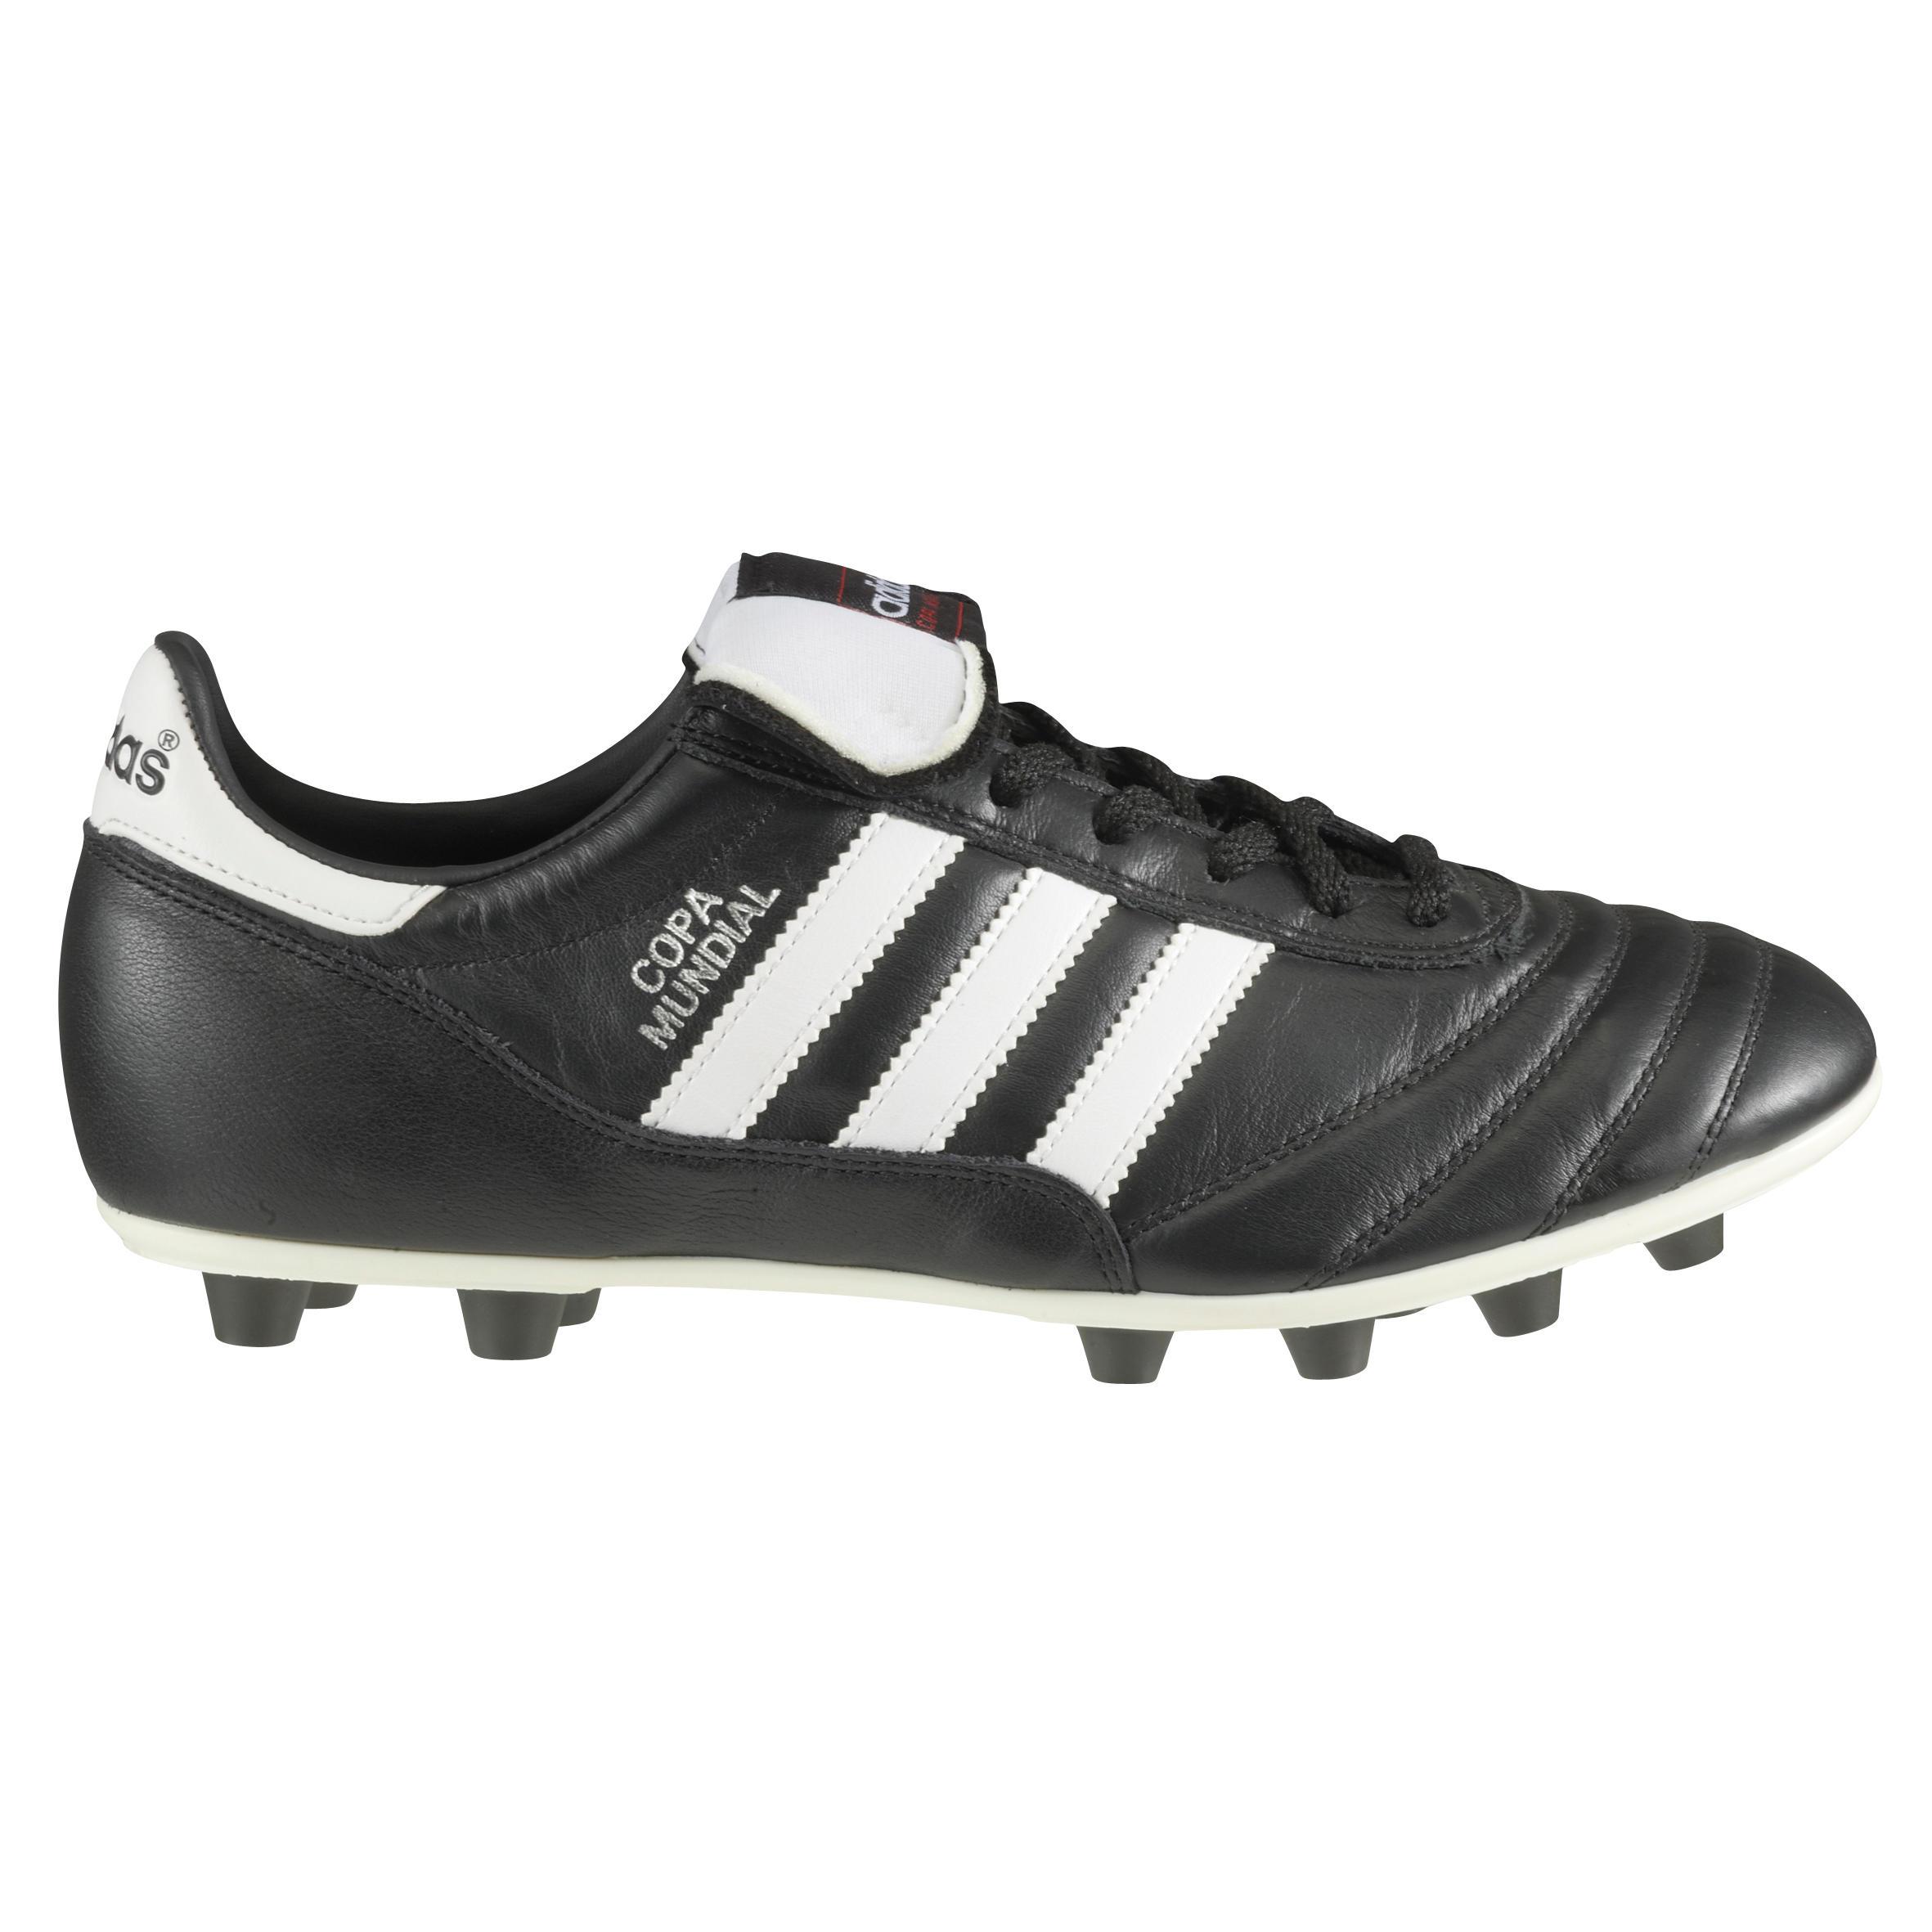 c3cd77eb9f7 Adidas